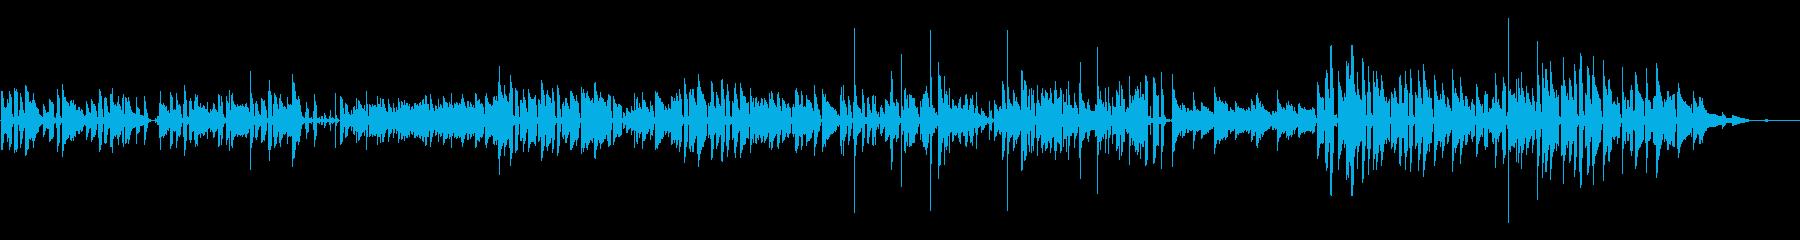 ボサノバっぽいアコースティックの再生済みの波形